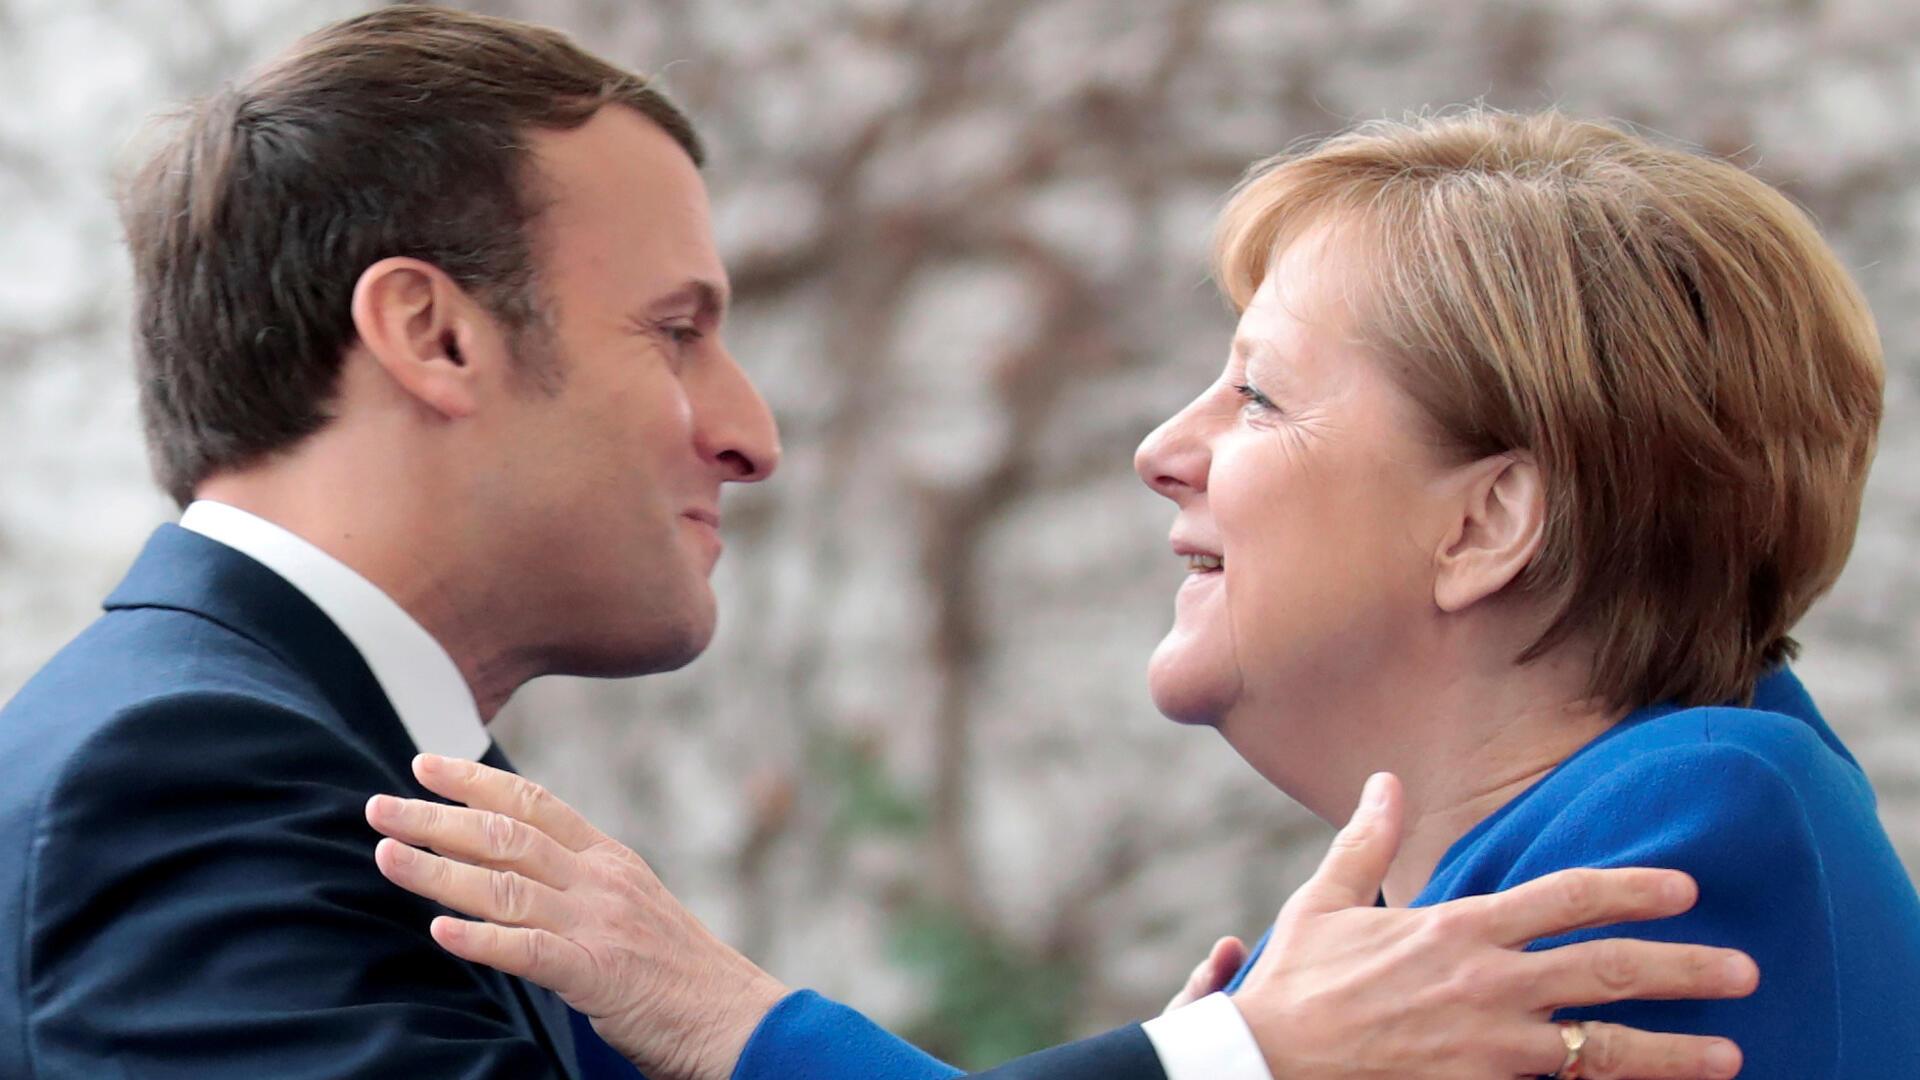 Le président français Emmanuel Macron accueilli par la chancelière allemande Angela Merkel, lors du sommet sur la Libye, à Berlin, le 19 janvier 2020.